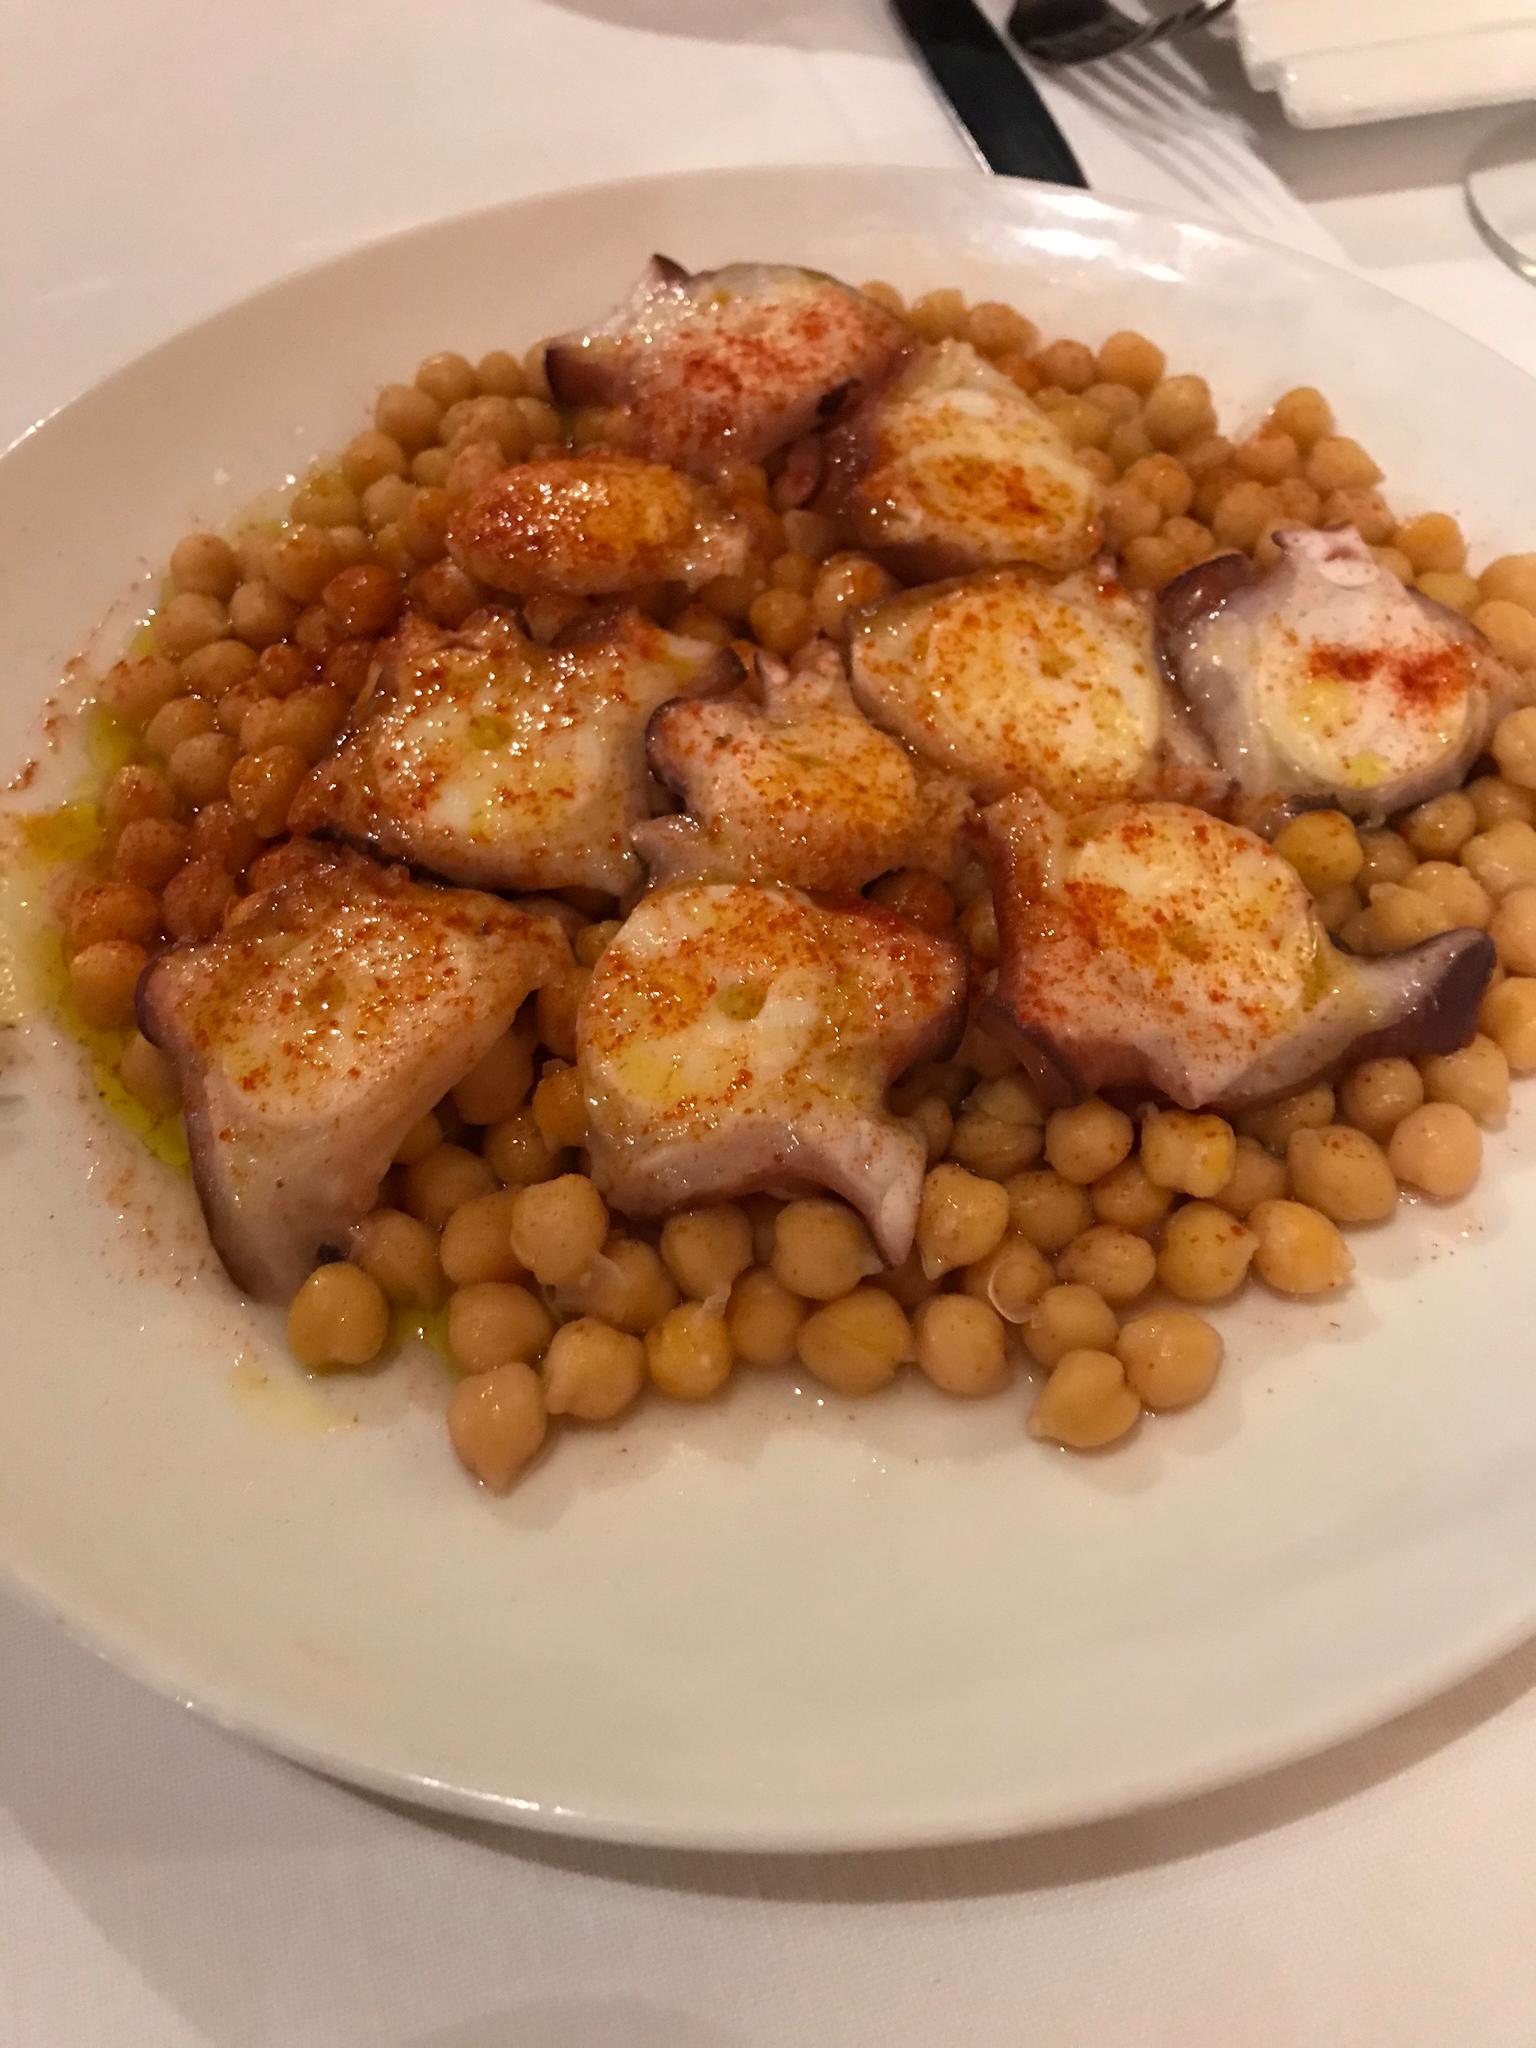 Reseñas gastronómicas: Visita al Restaurante Serrano de Astorga 4